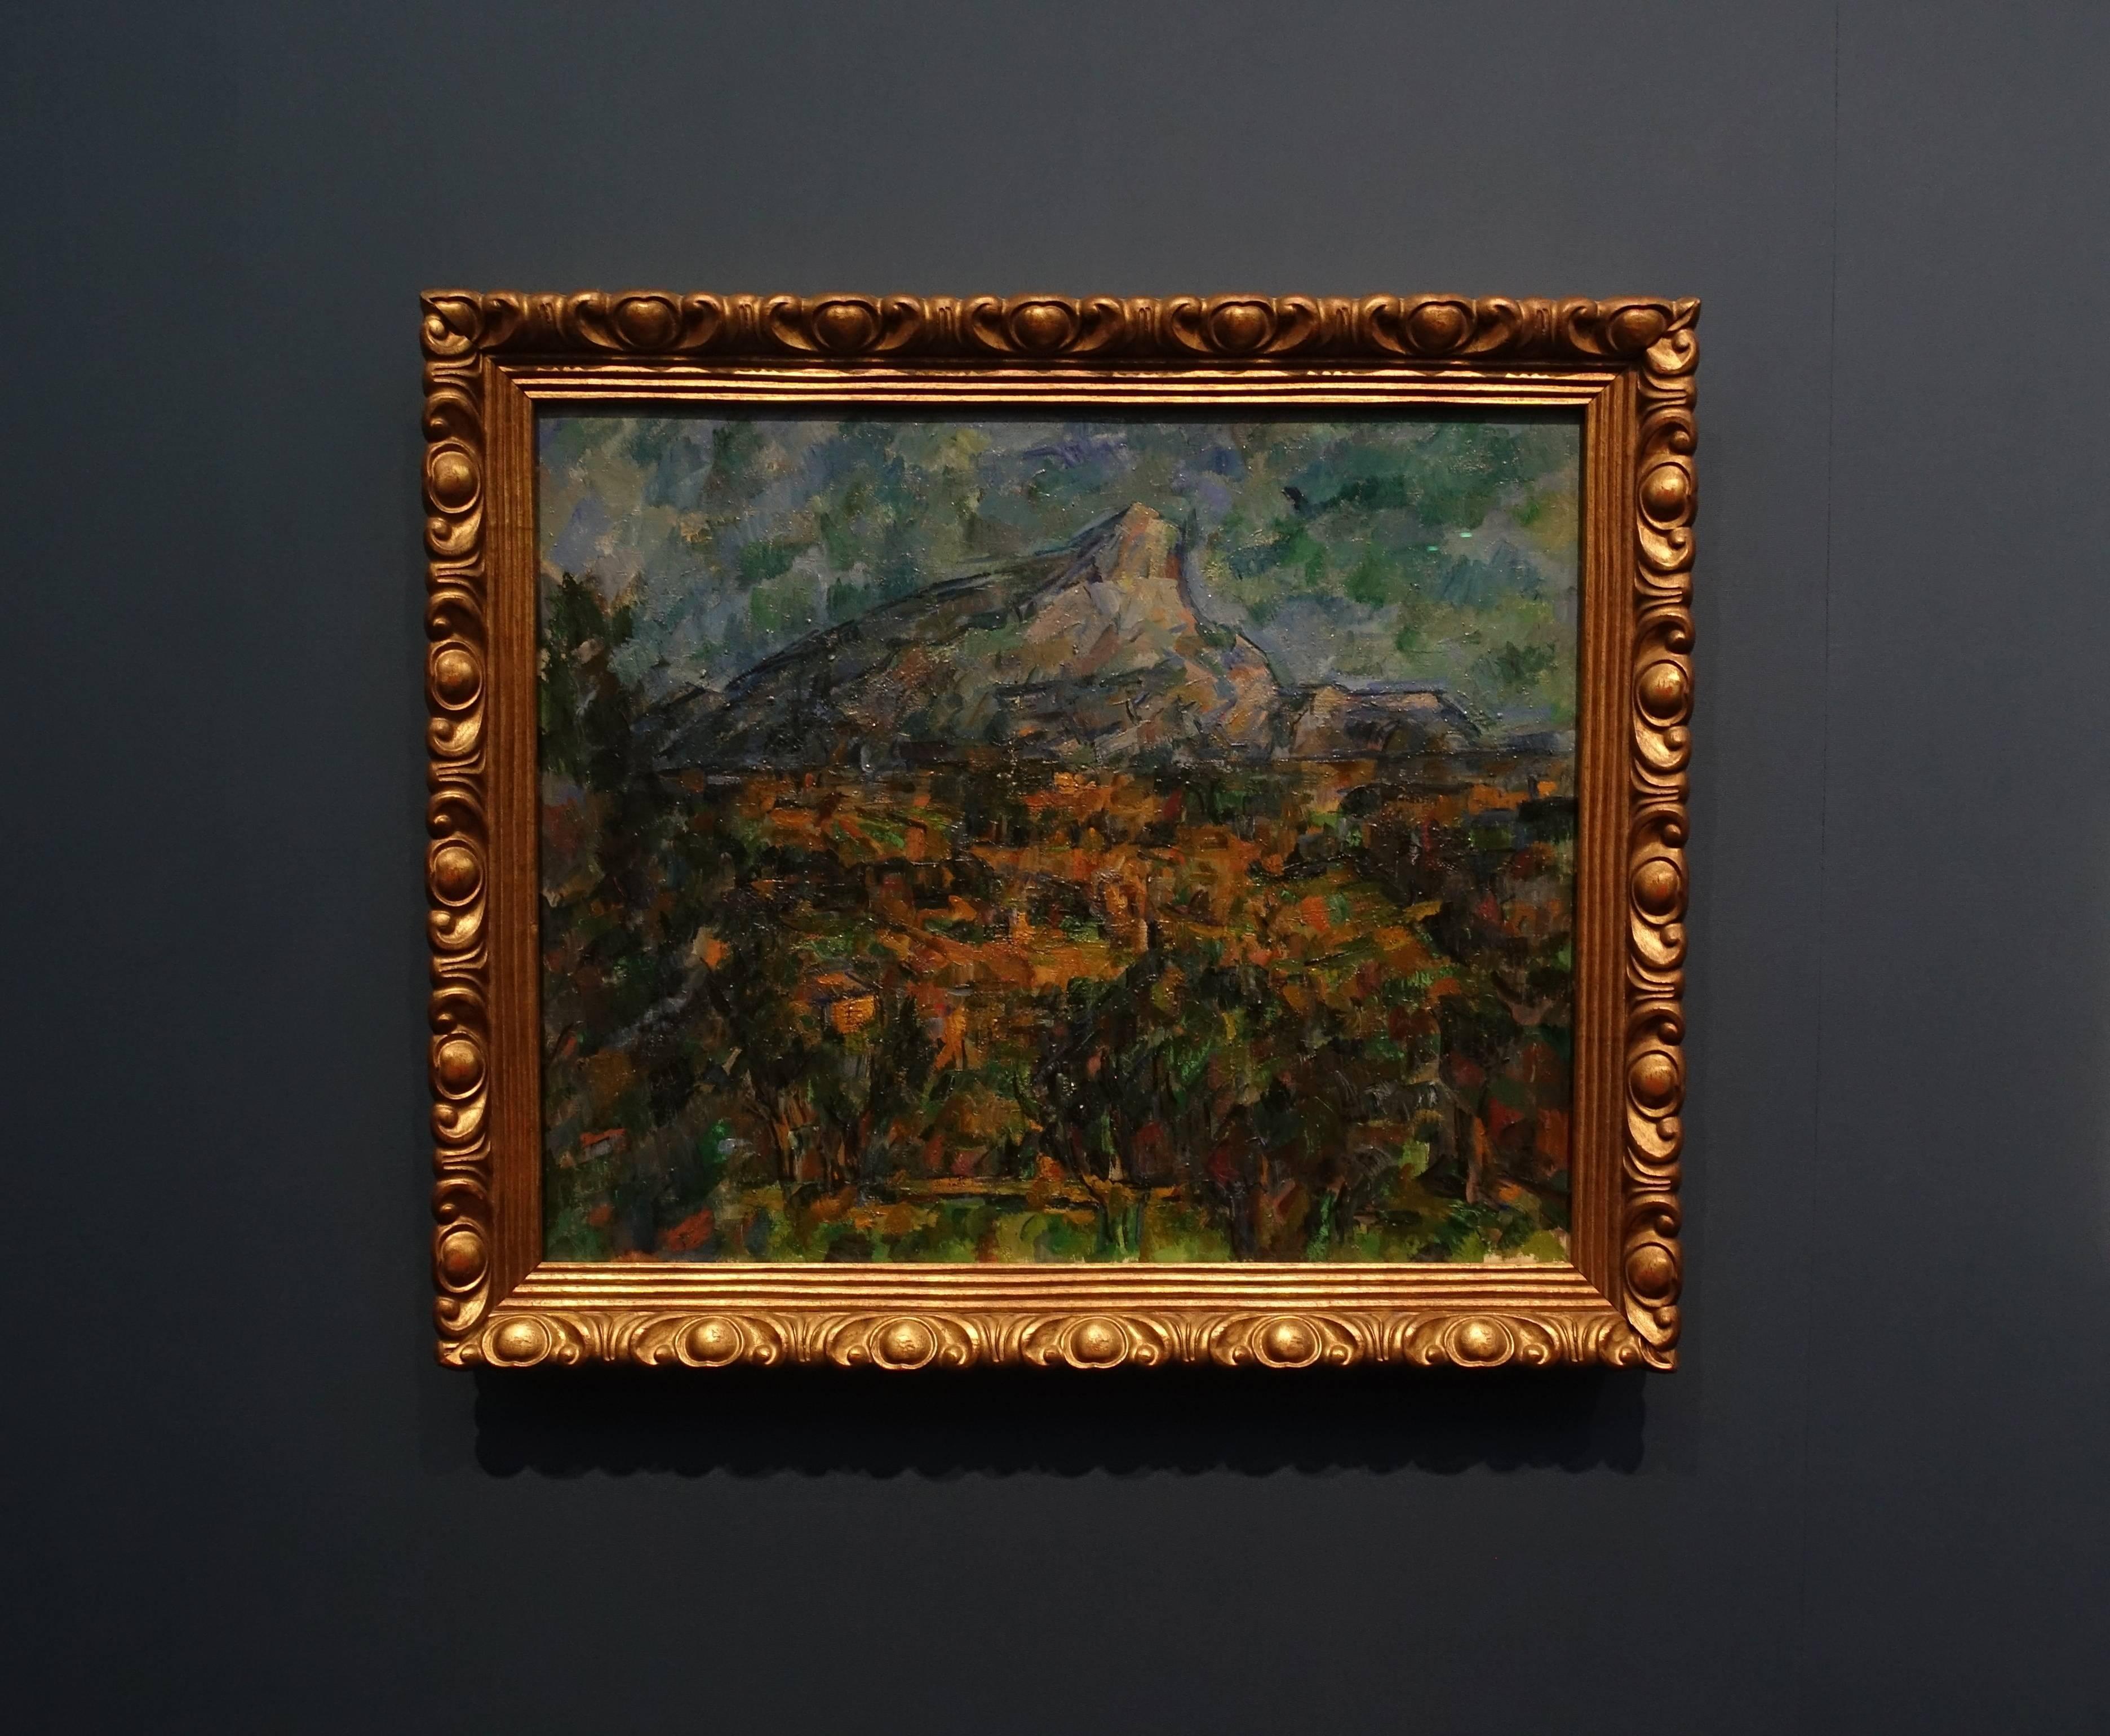 保羅•塞尚 Paul Cézanne,《從洛弗遙望聖維克多山 Mont Sainte-Victoire. View from Les Lauves》,油彩、畫布 Oil on canvas,1905。